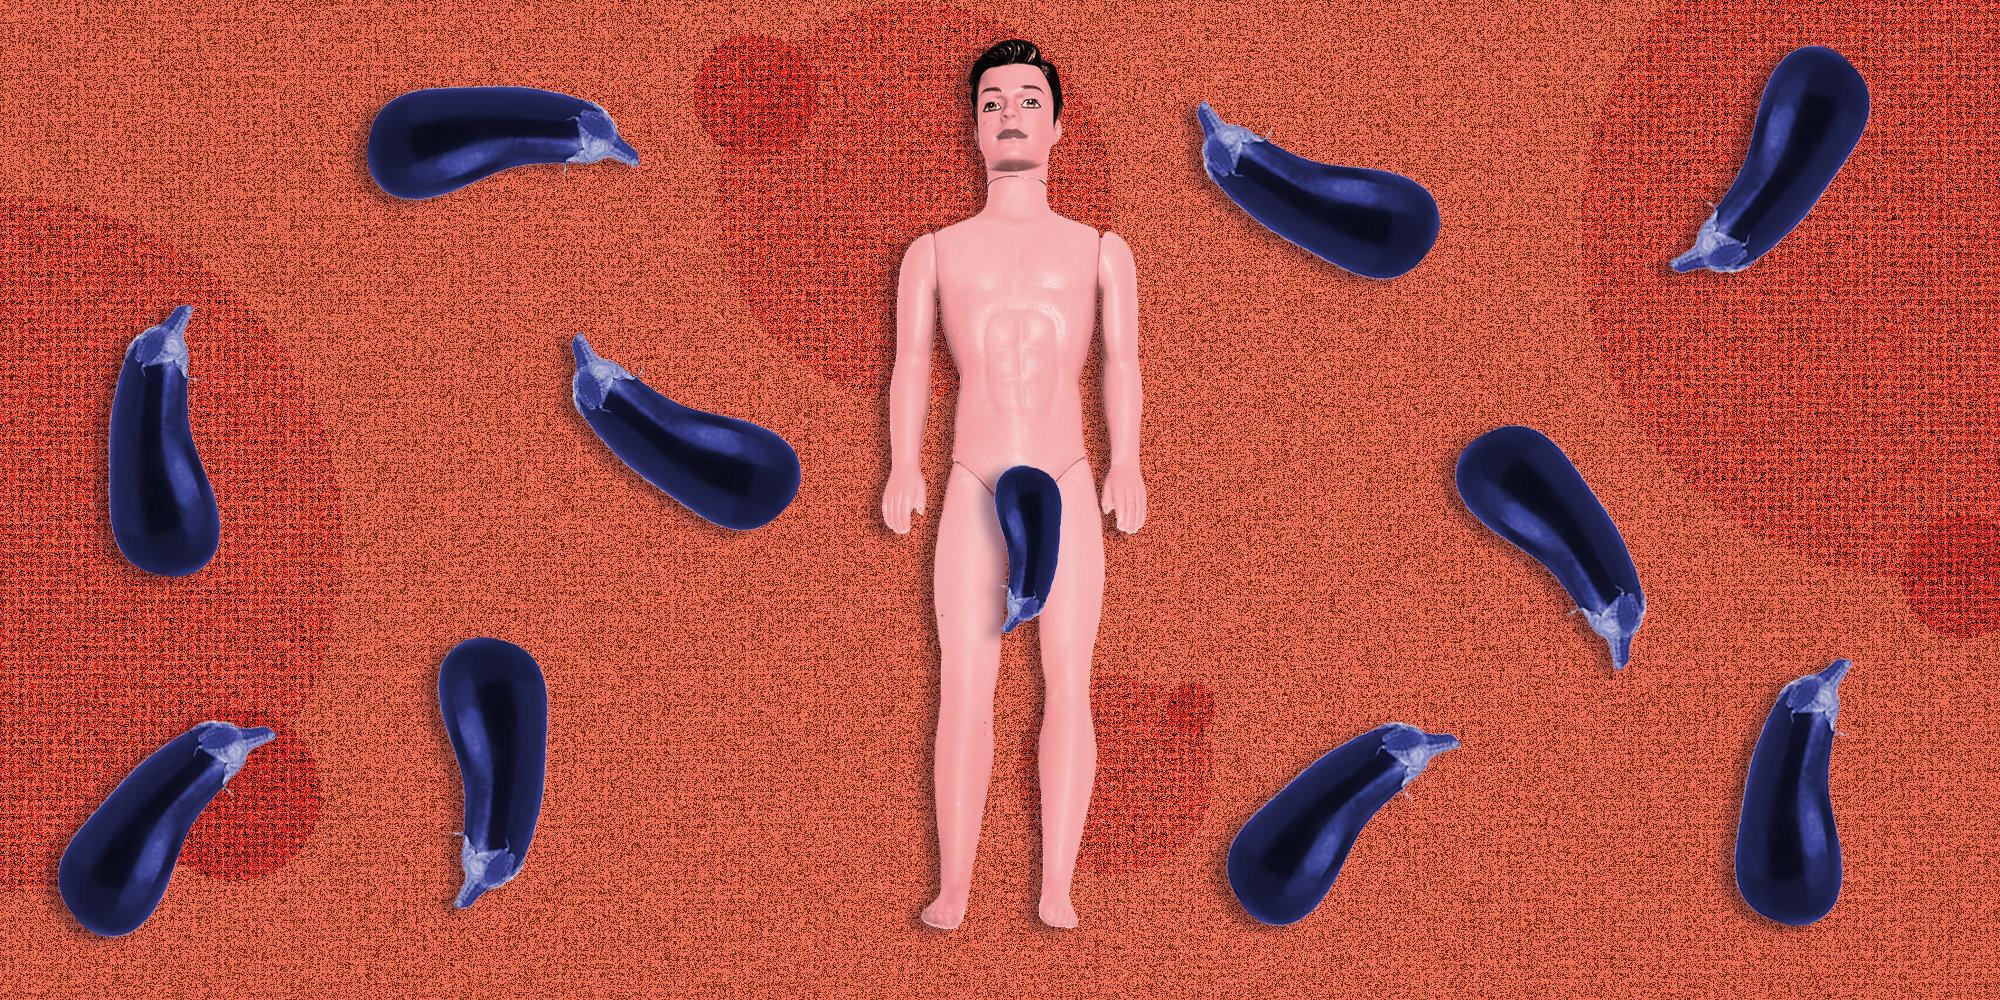 Os mitos sobre o tamanho e formato do pênis são